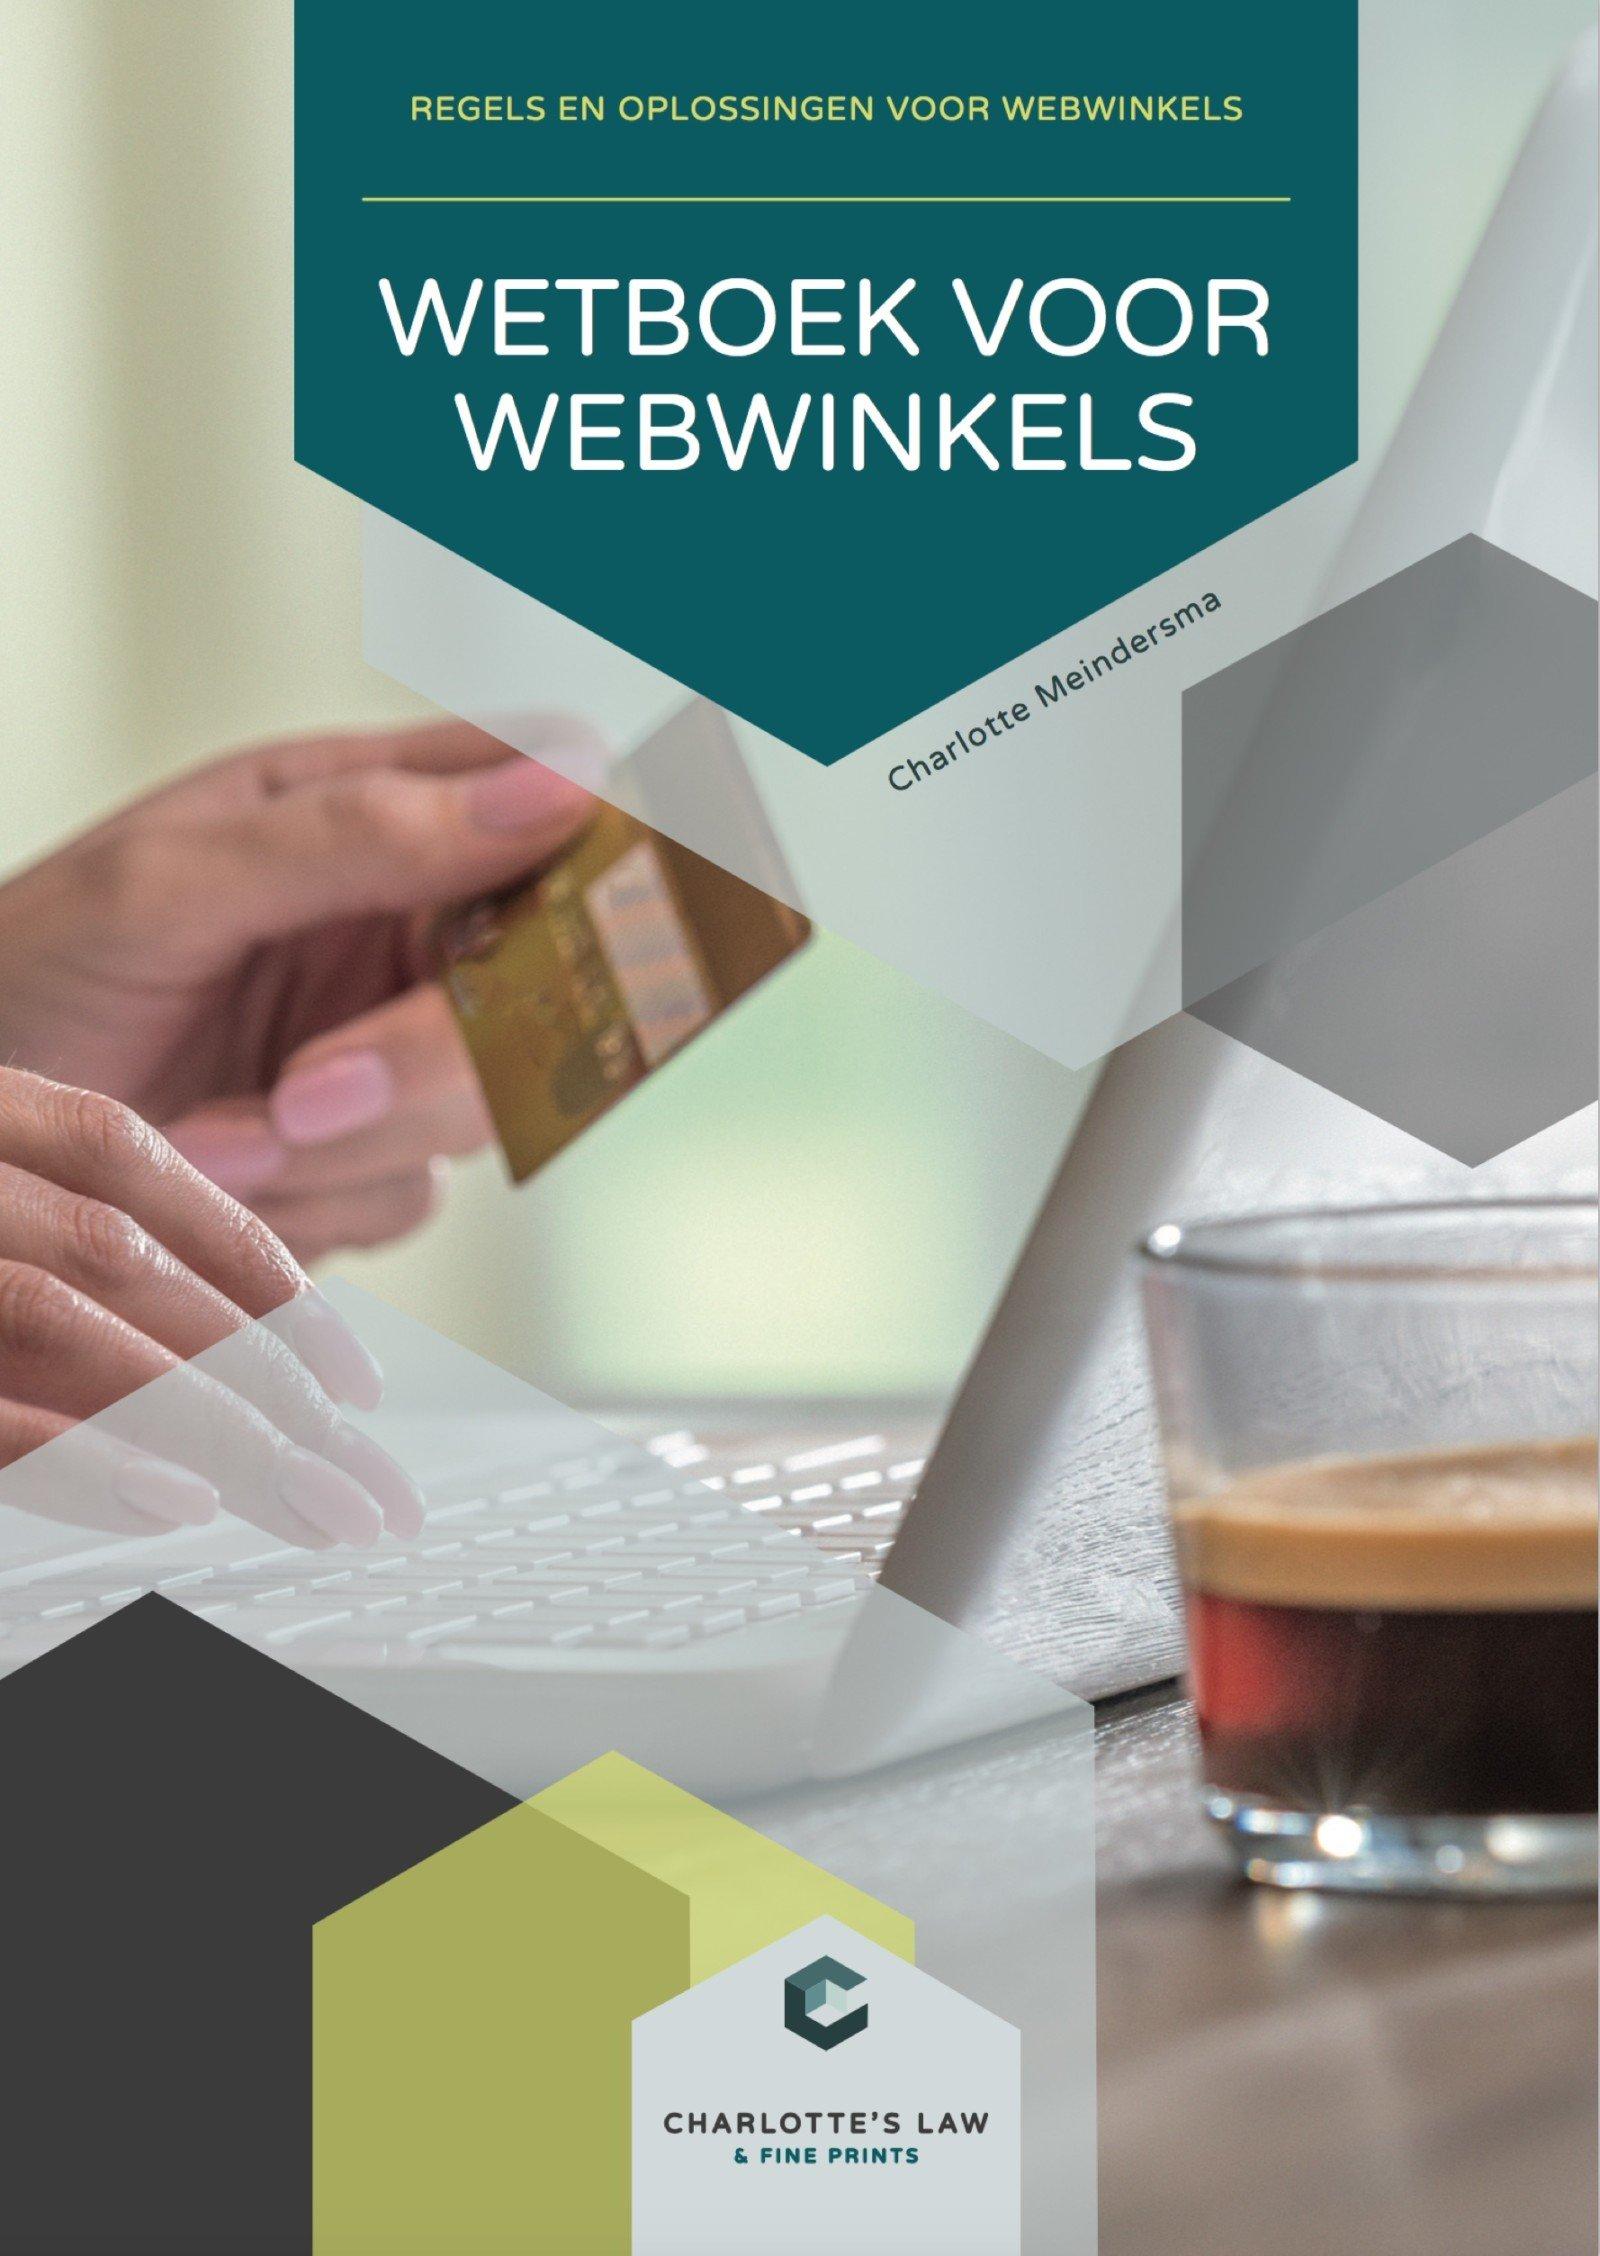 Wetboek voor Webwinkels en Webshops